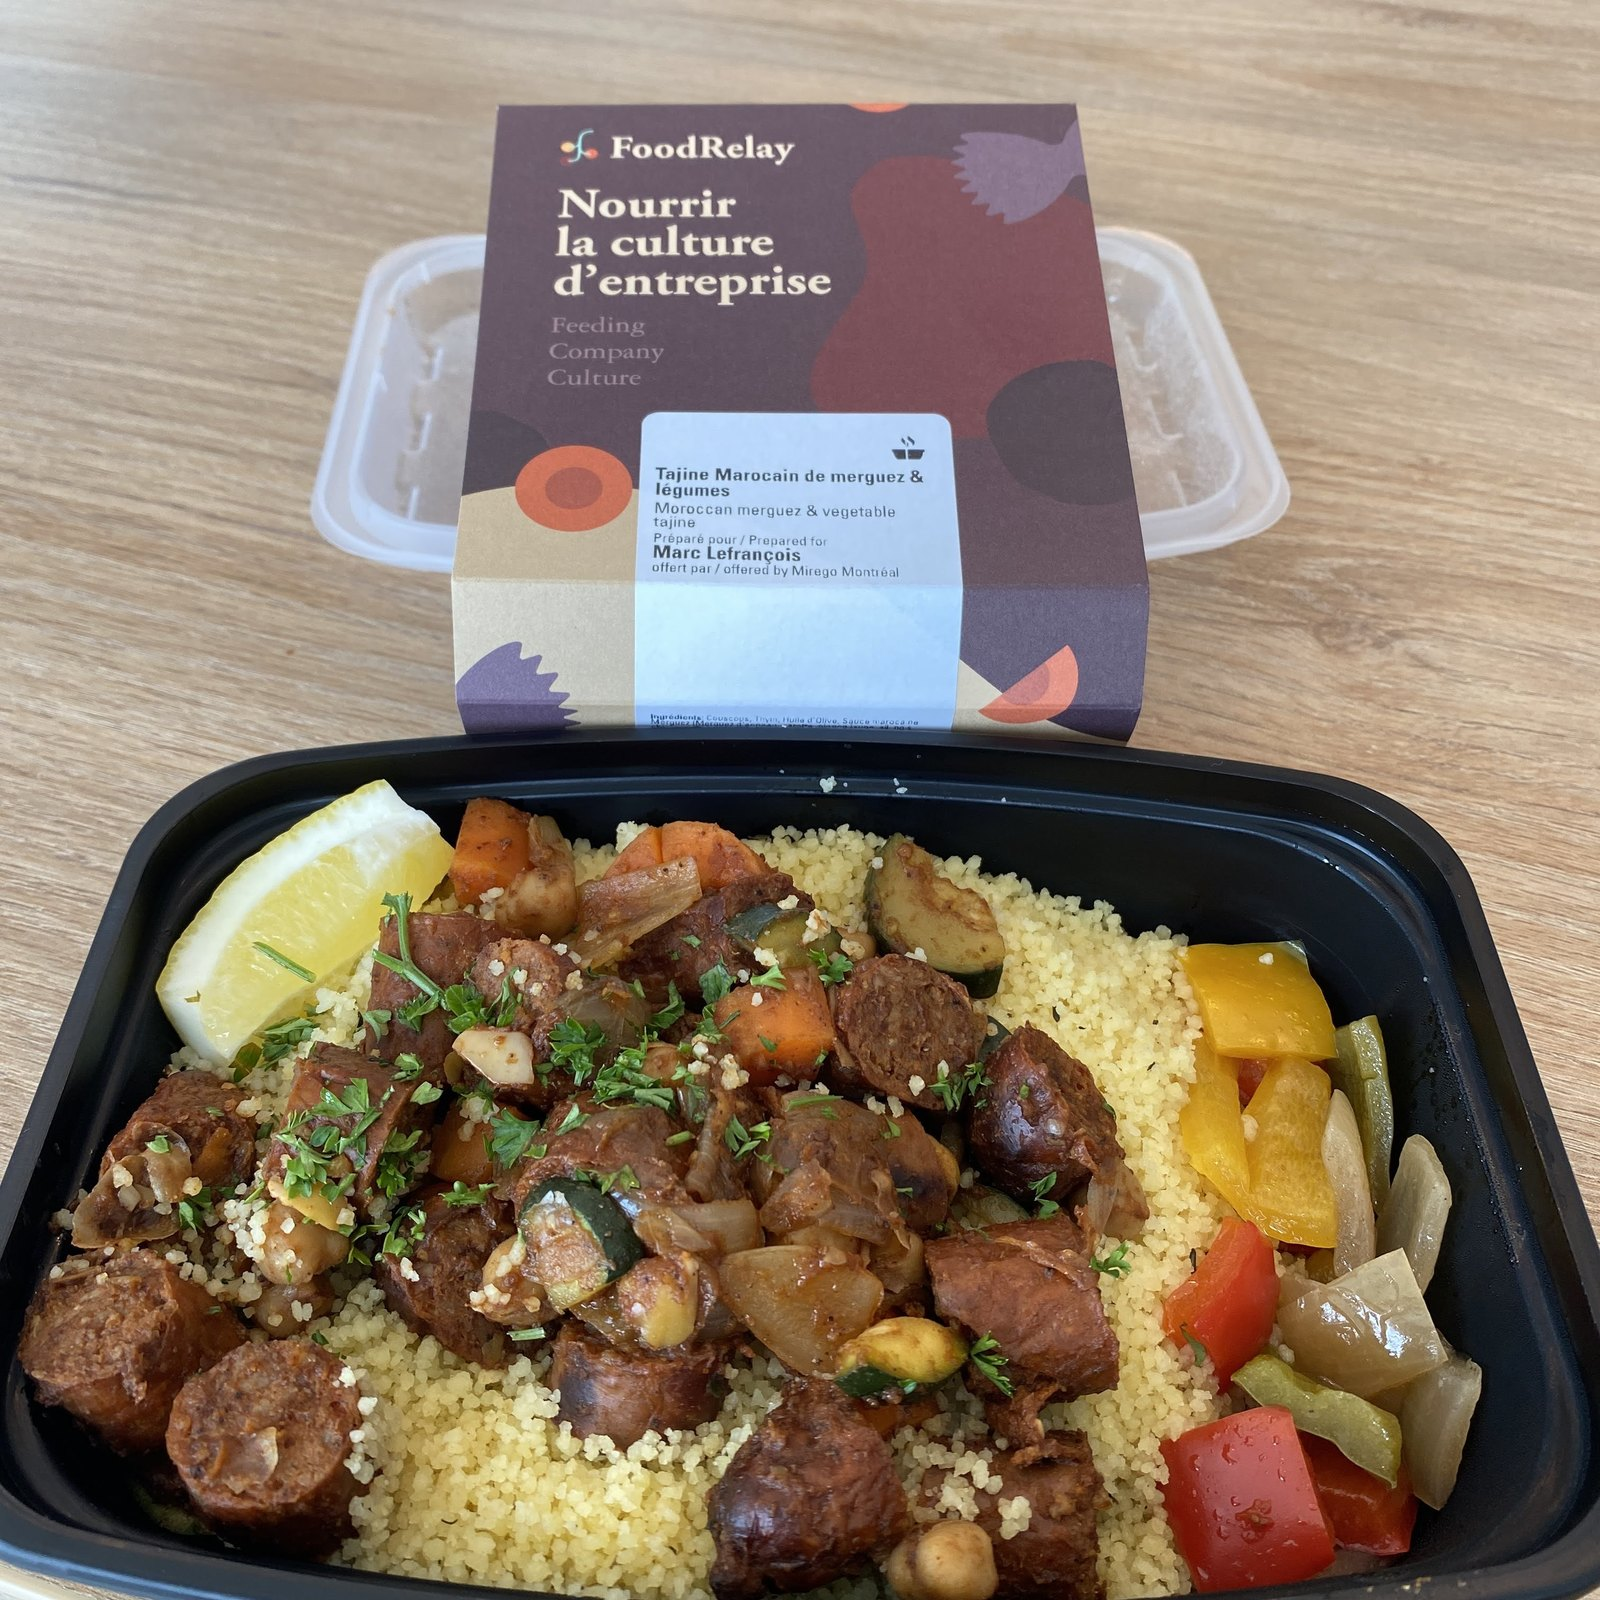 Retrouver les lunchs au bureau (et mes collègues aussi bien sûr 😍)